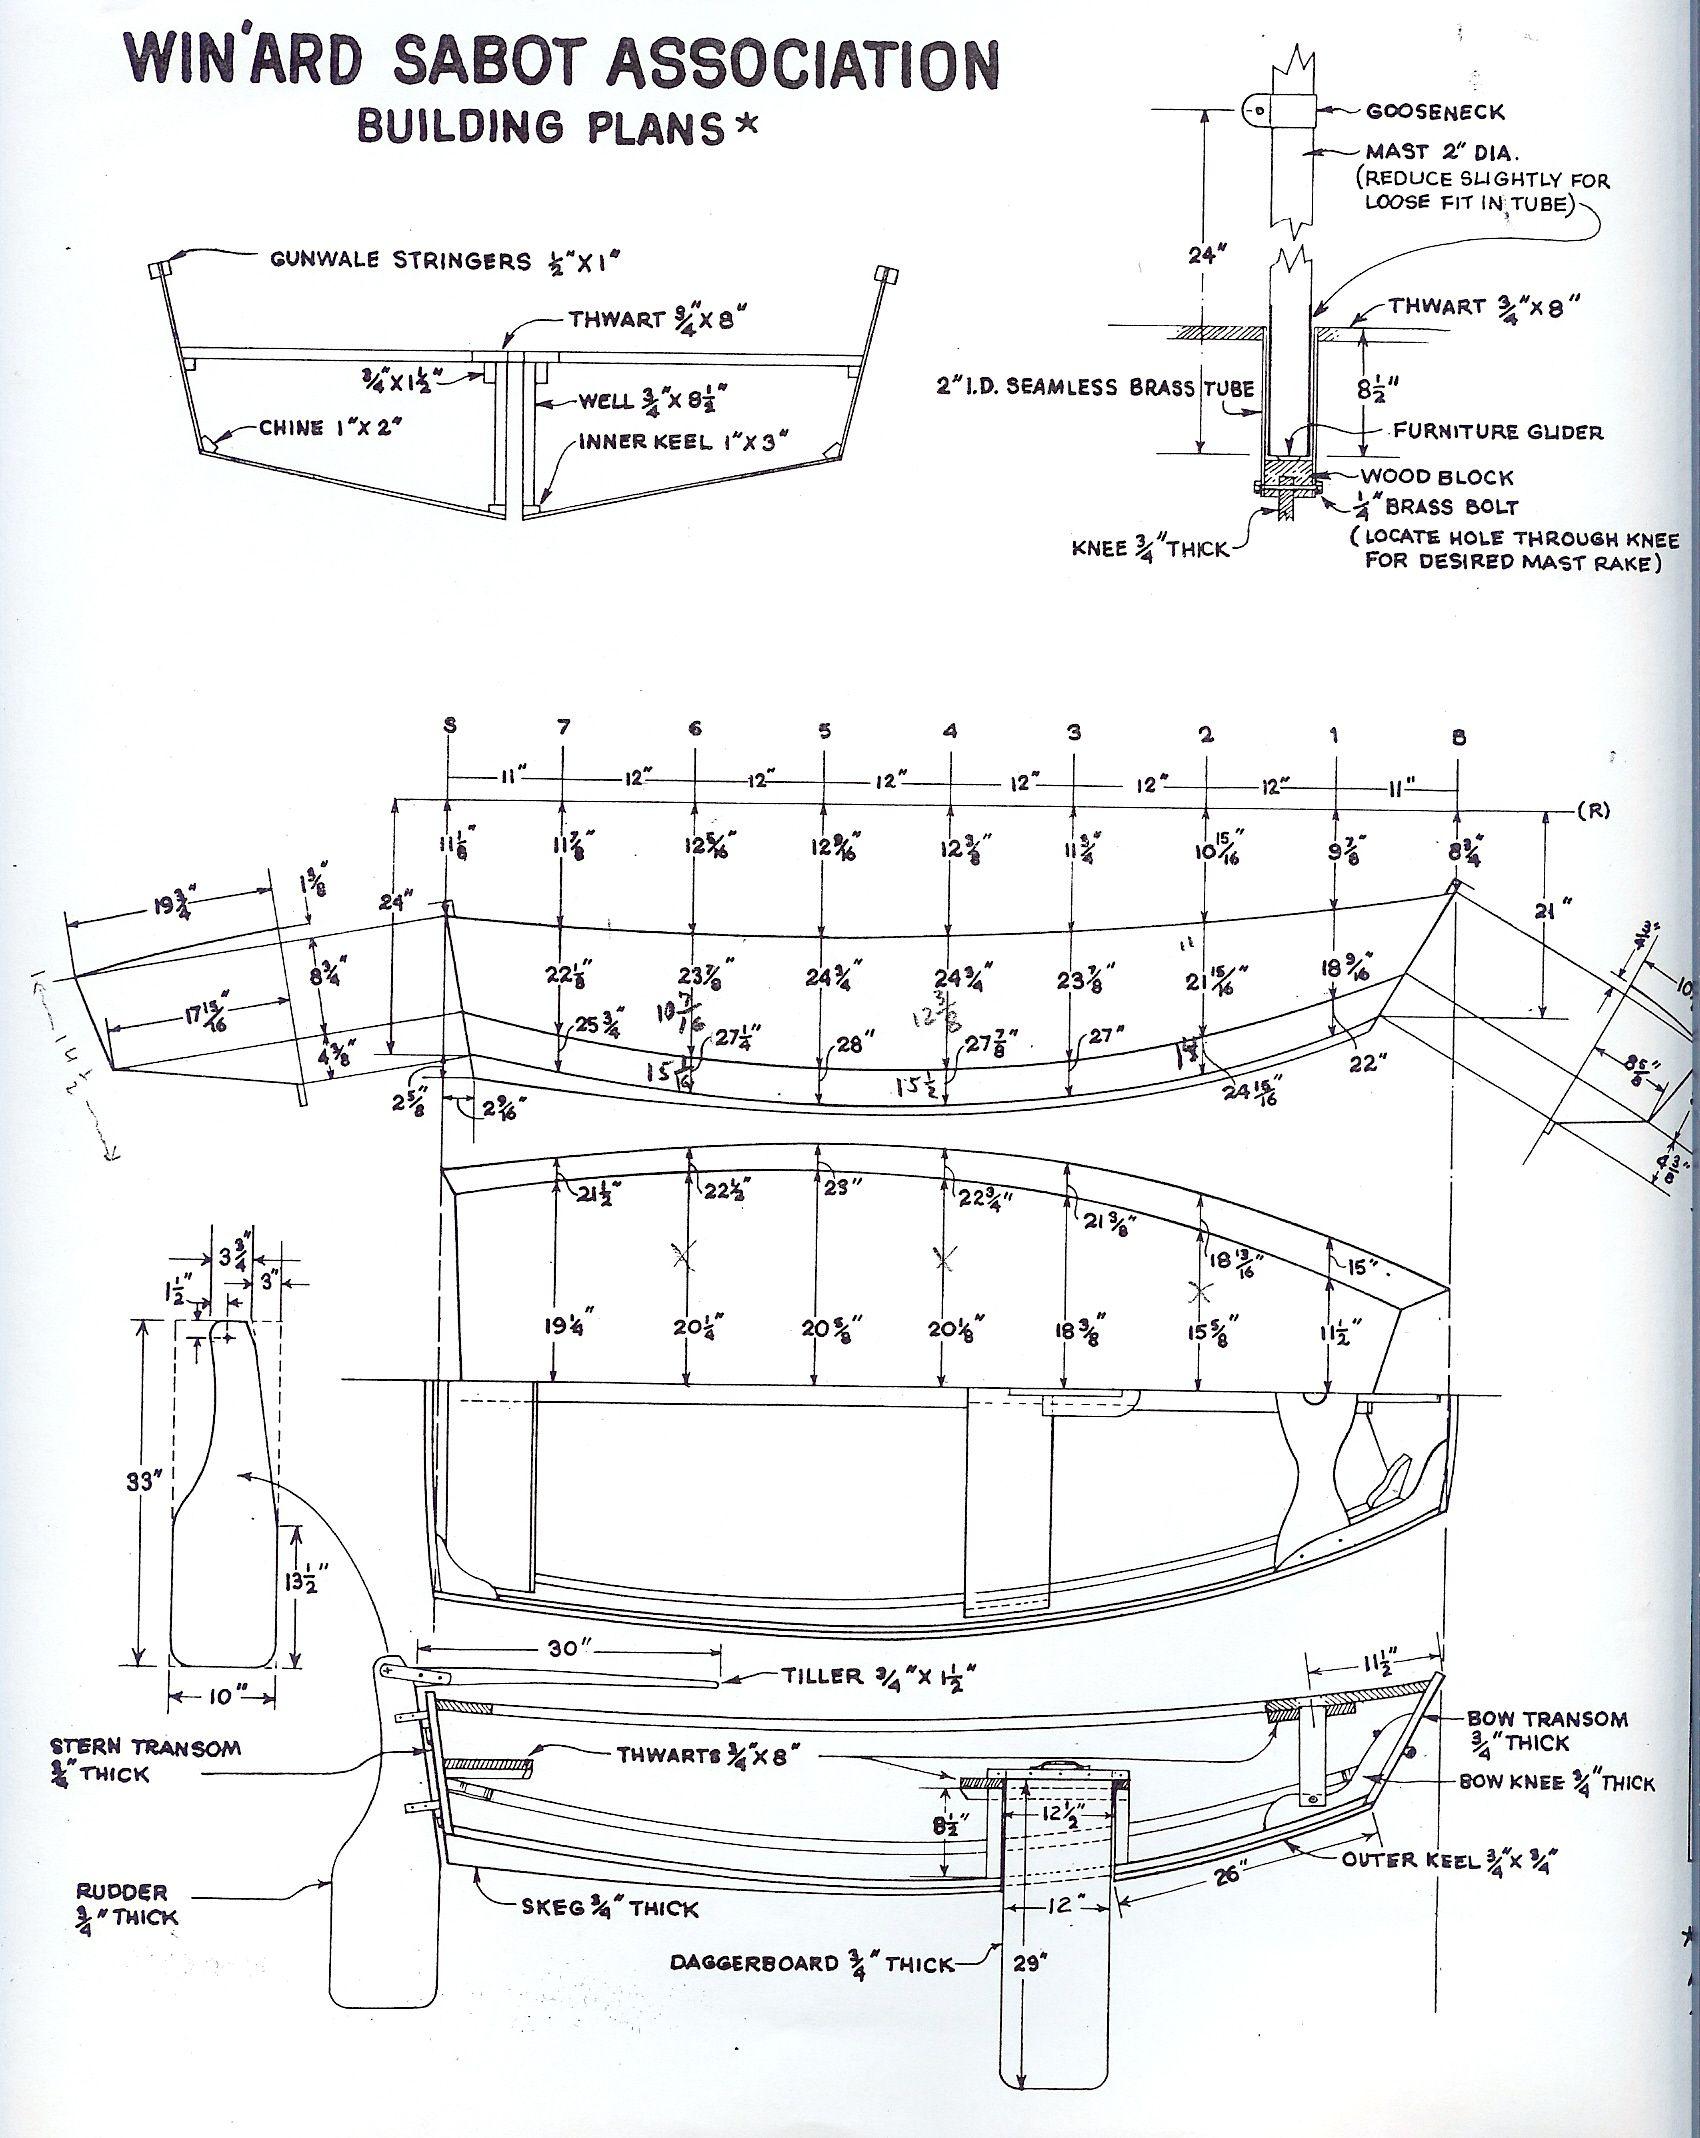 Free Boat Blueprints - Bing Images | Vene | Pinterest | Boating, Sailboat plans and Boat plans